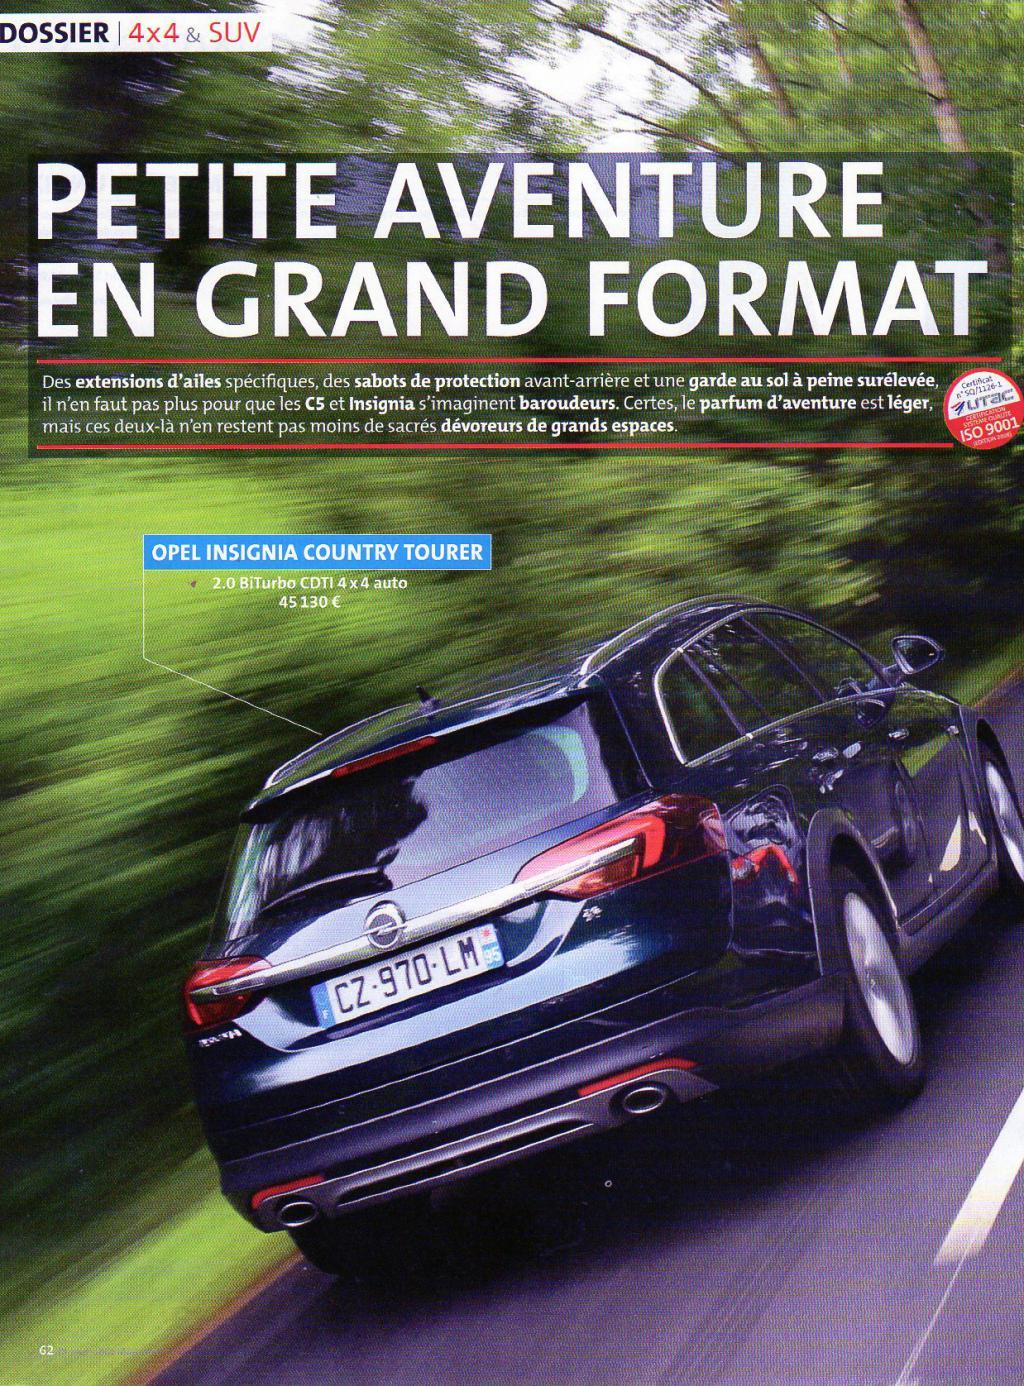 [ACTUALITE] Revue de Presse Citroën - Page 12 0---a-497-471dabf